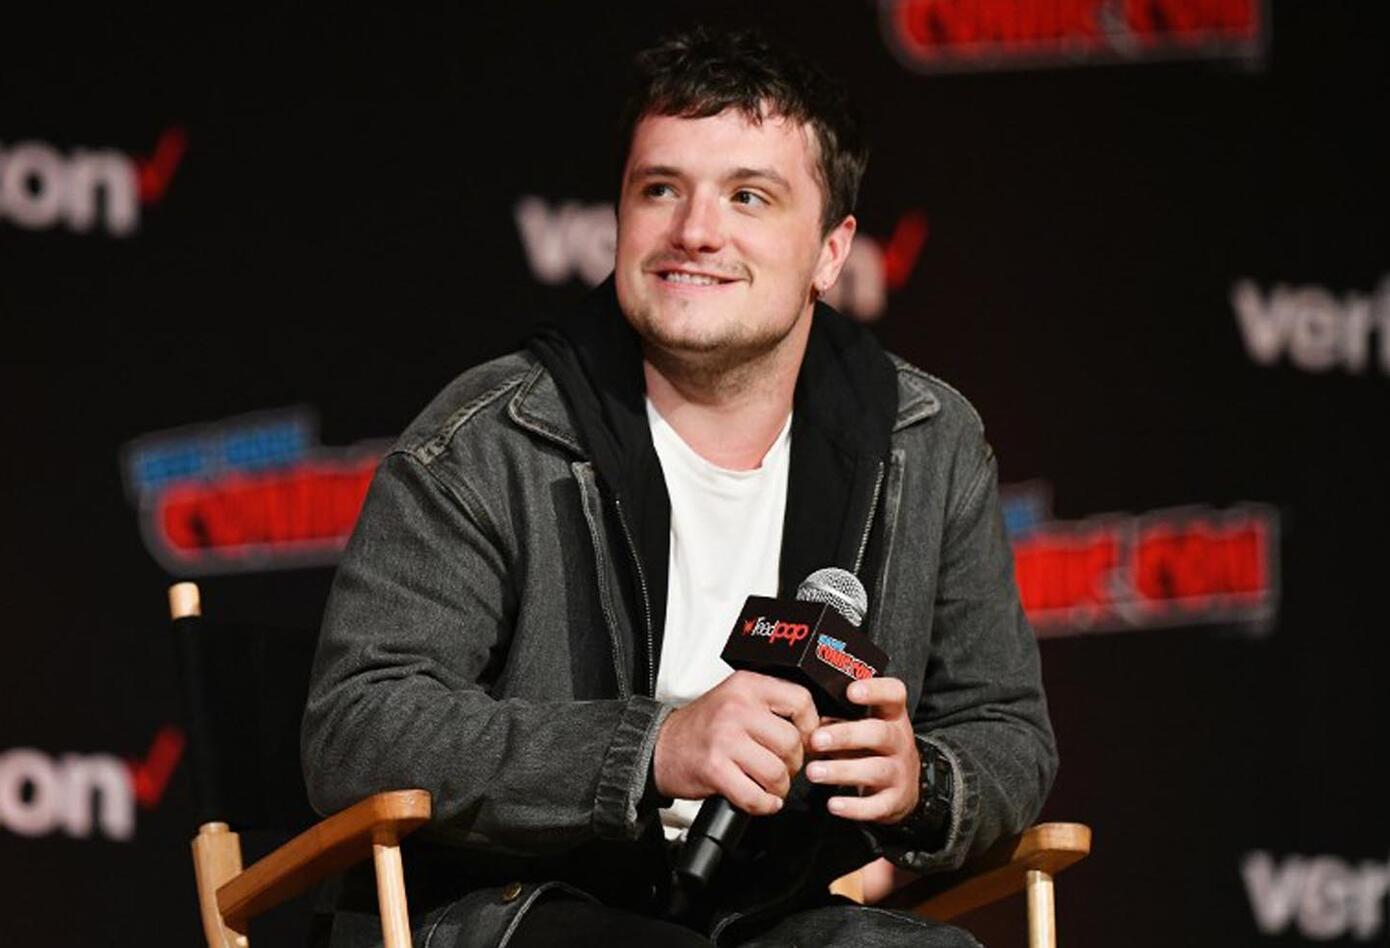 Josh Hutcherson actualmente tiene 26 años y se ha destacado por participar en cintas como 'Los juegos del hambre' y en videos musicales como 'Middle' de DJ Snake.